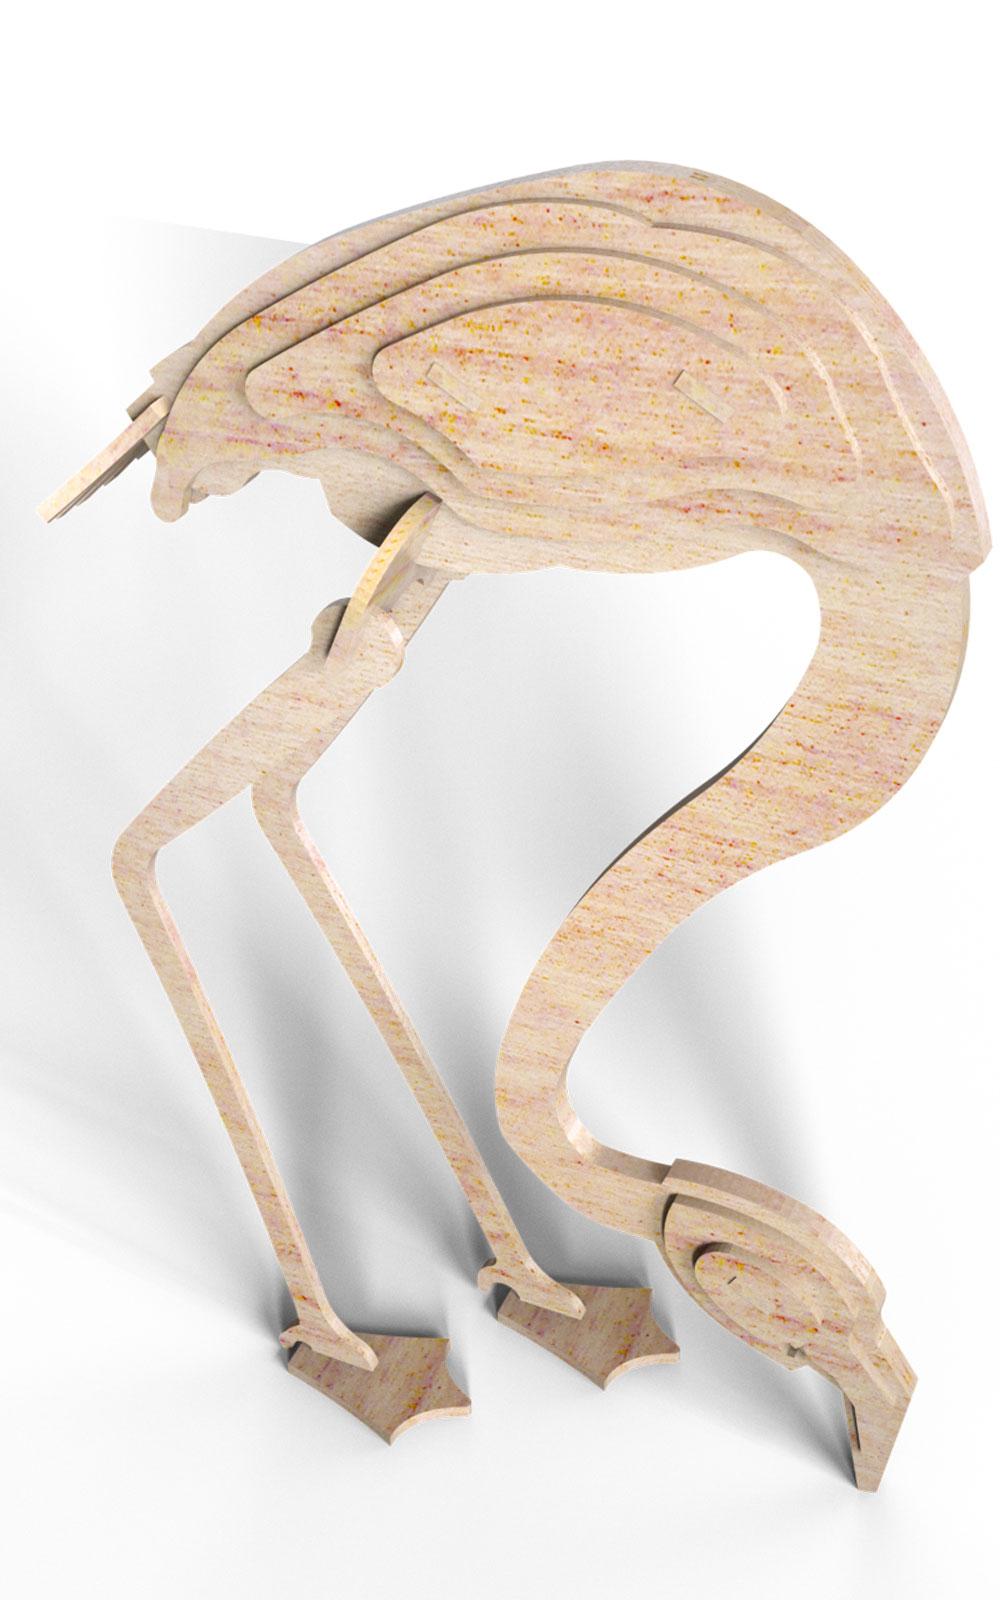 The Flamingo - Birds | MakeCNC.com